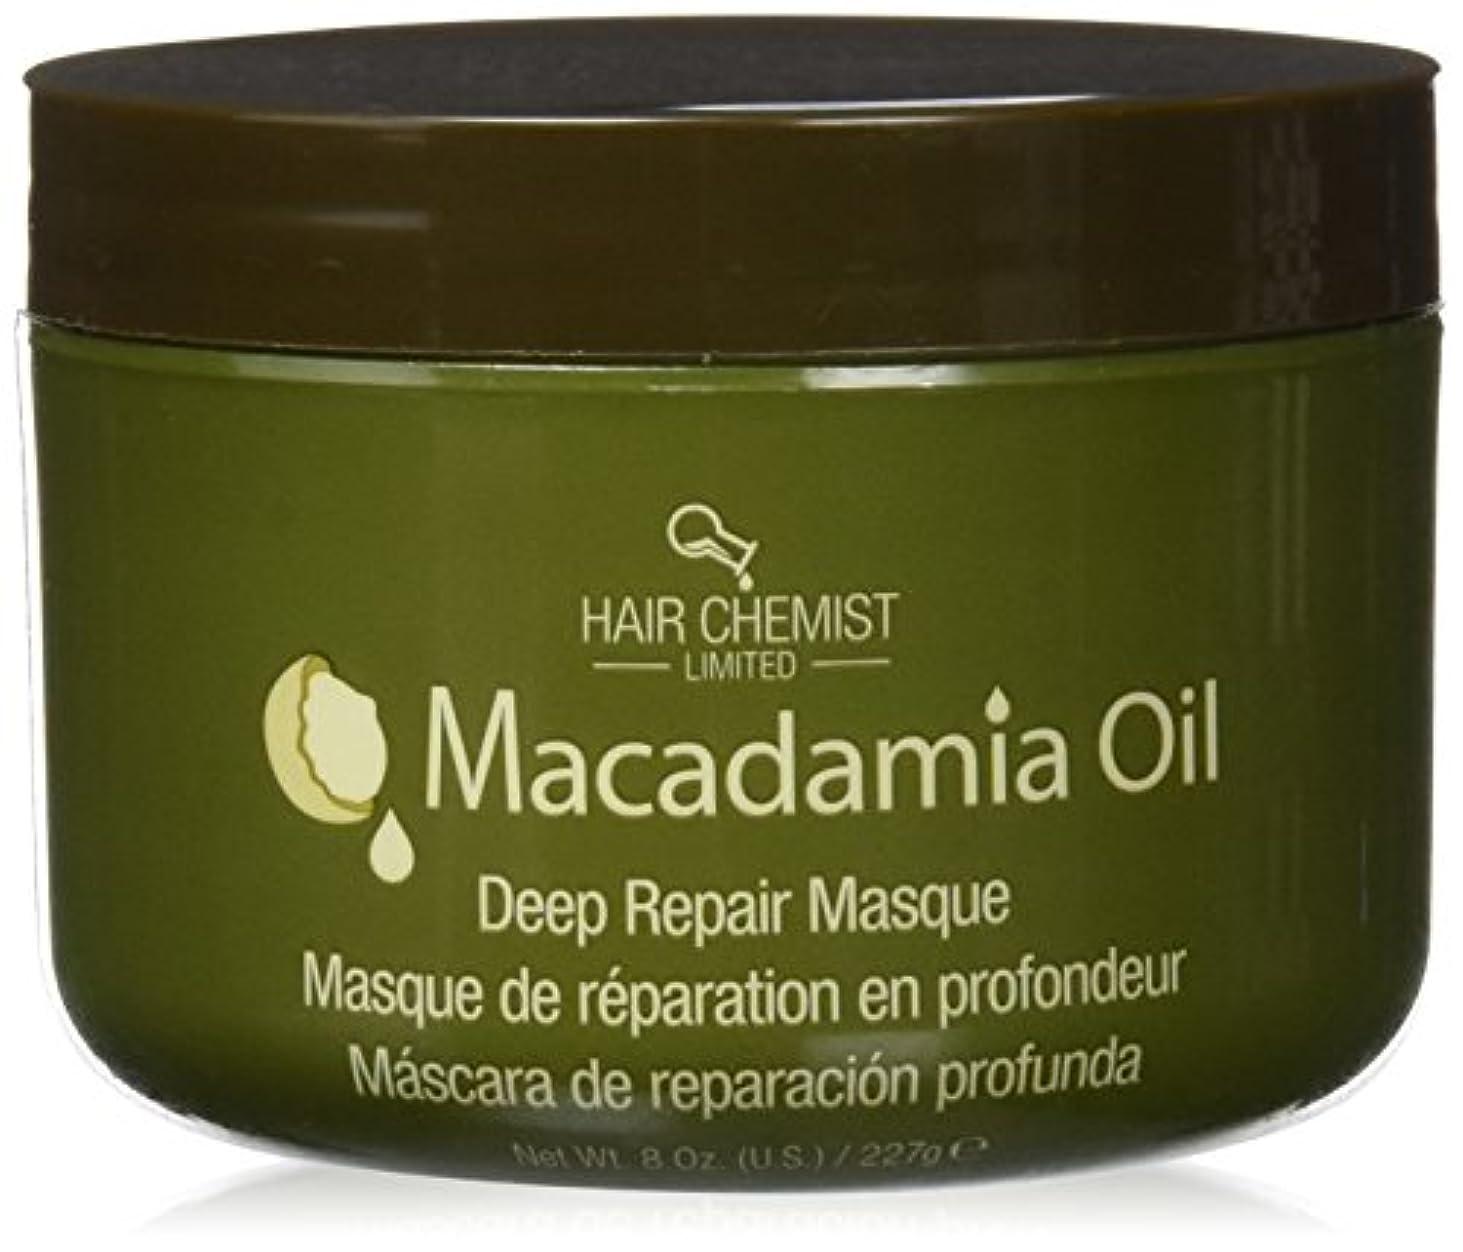 ストラップクック対応Hair Chemist ヘアマスク マカダミア オイル ディープリペアマスク 227g Macadamia Oil Deep Repair Mask 1434 New York